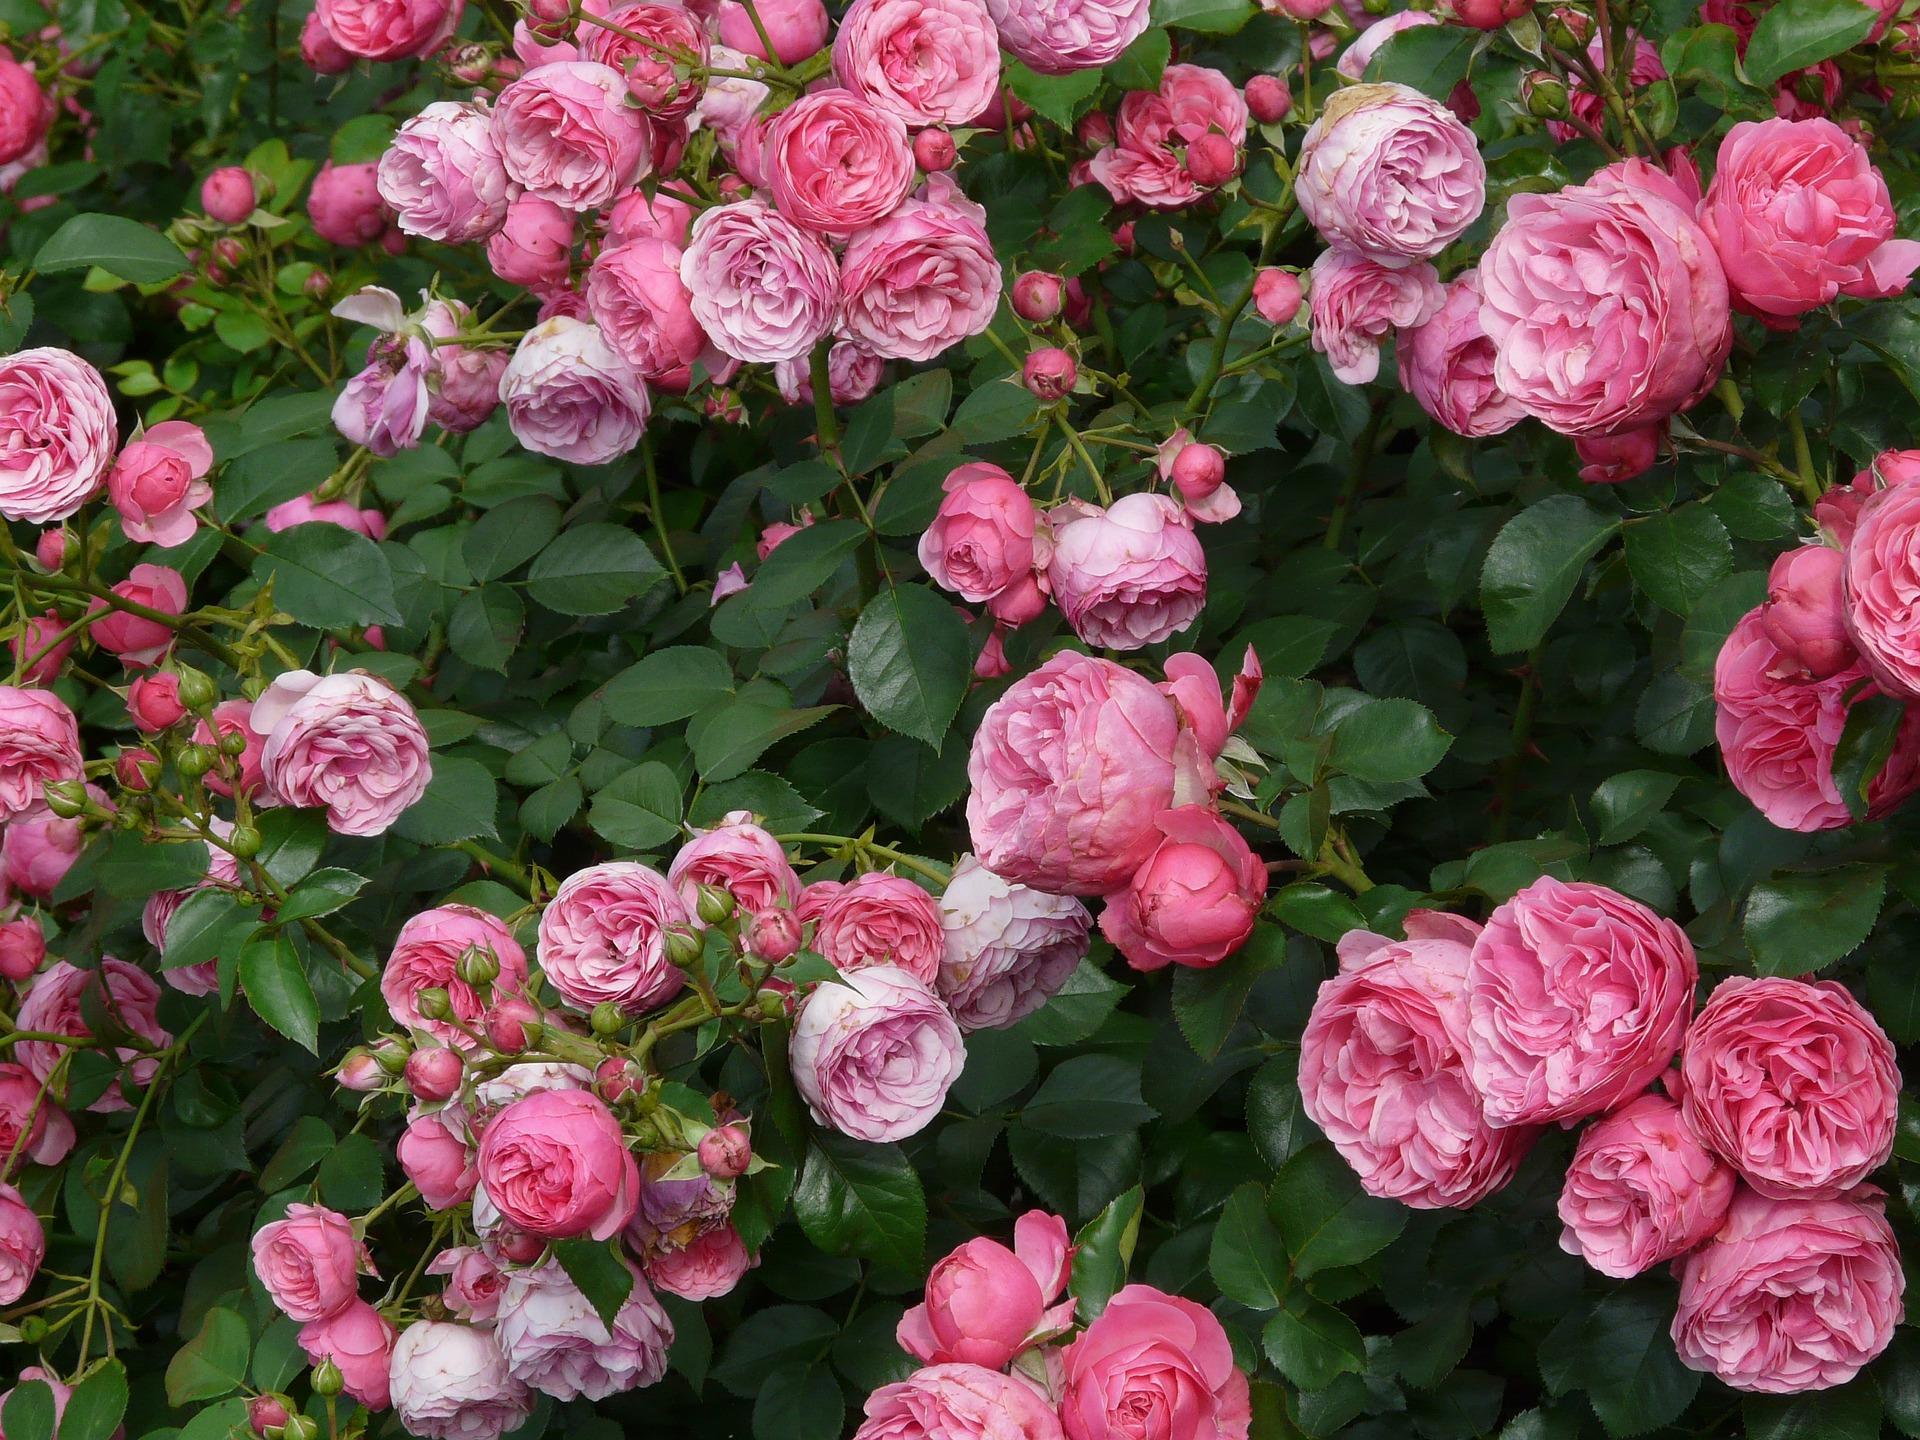 Hoe rozen snoeien?